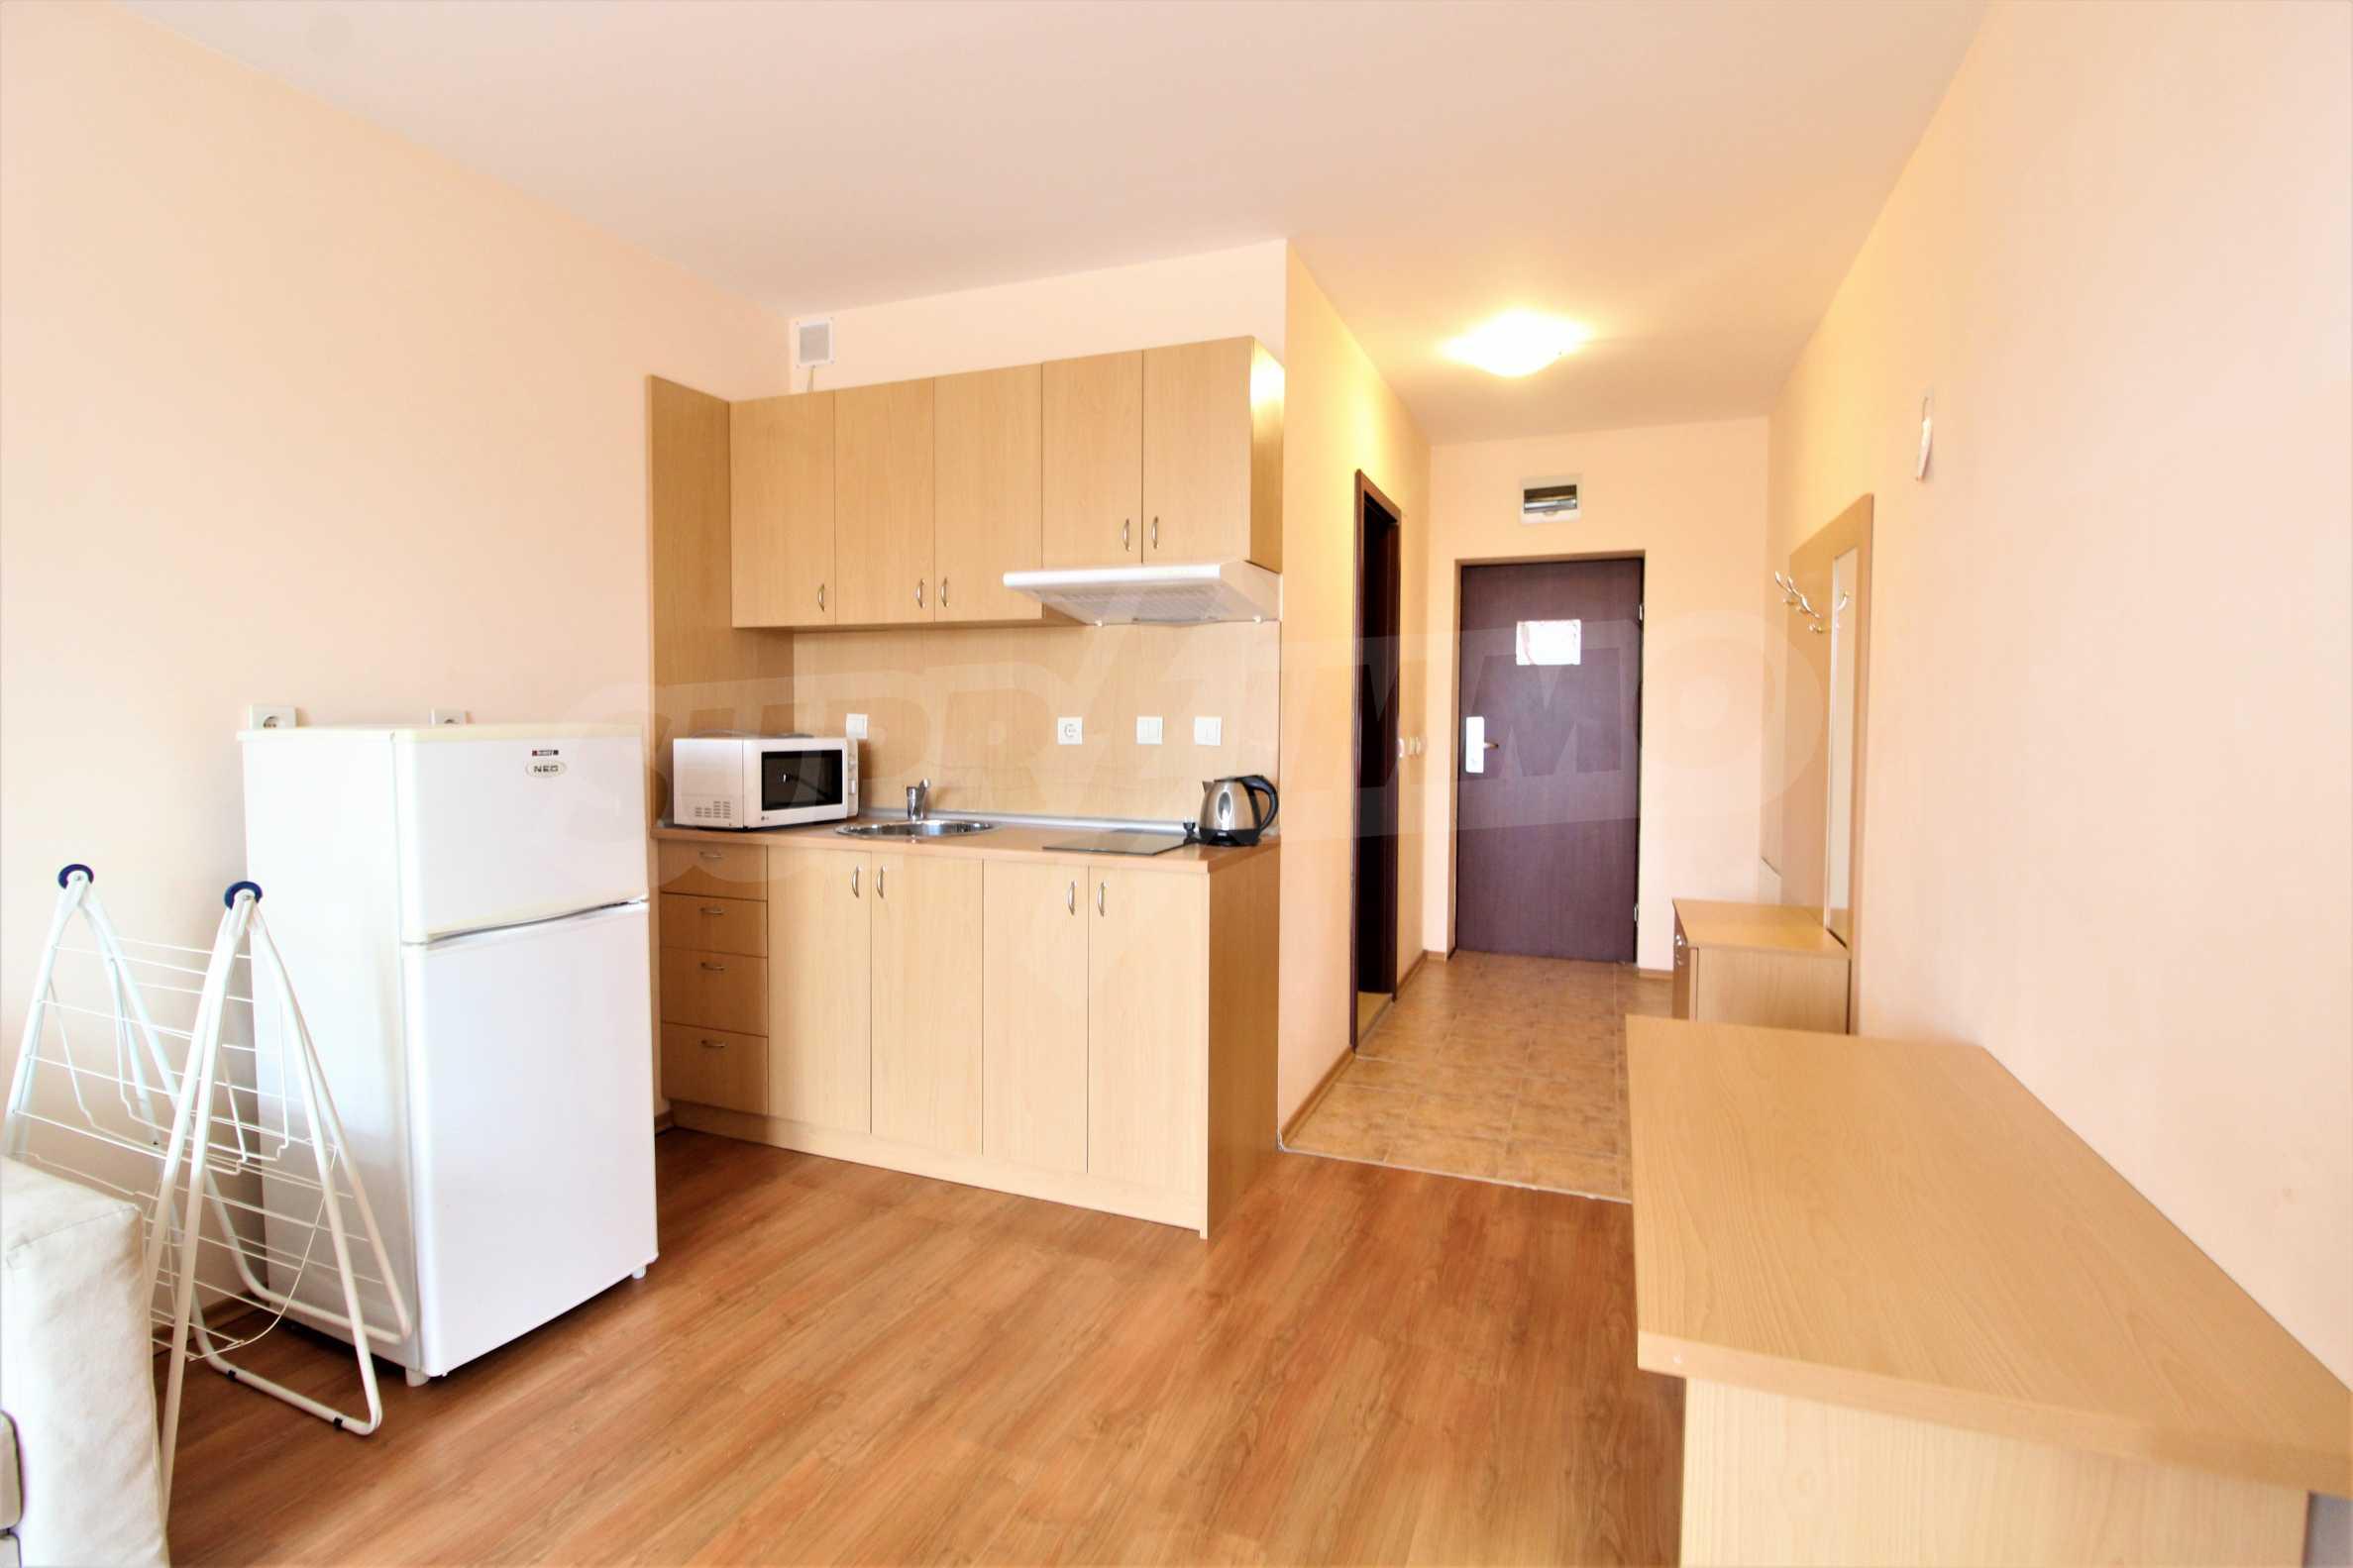 Двустаен апартамент в близост до ски лифта в Банско 2